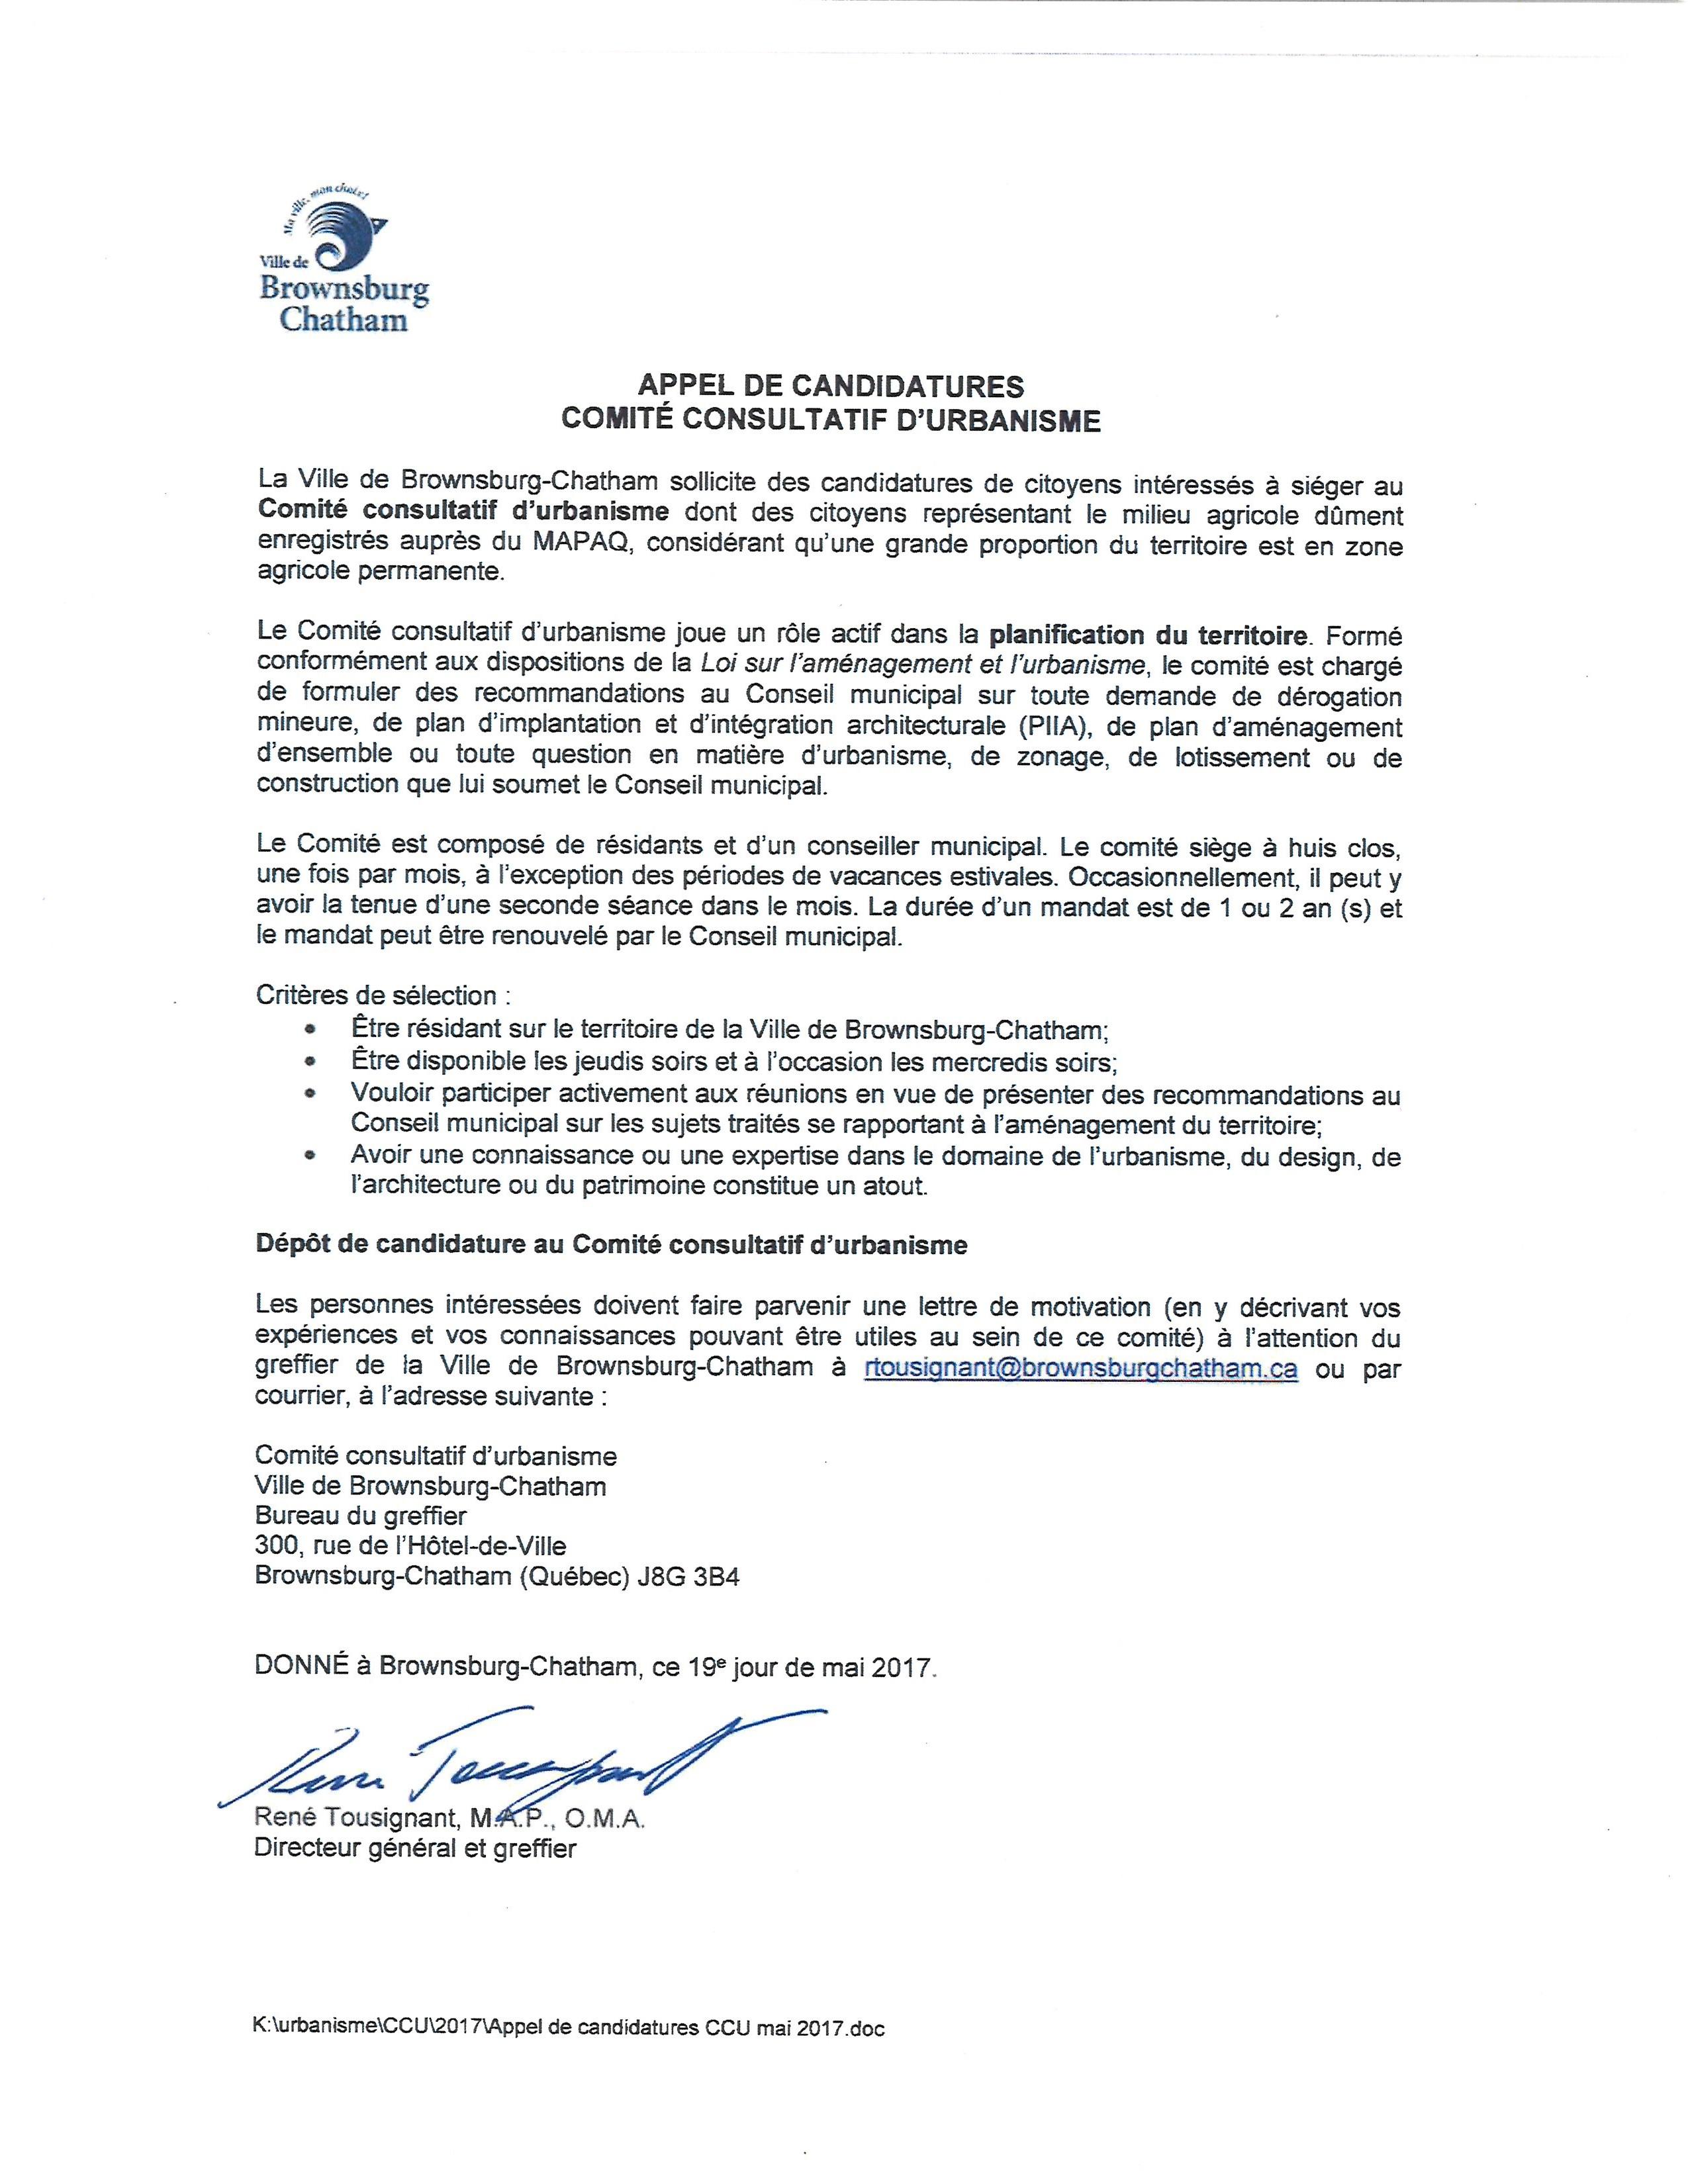 Appel candidature Comite consultatif urbanisme